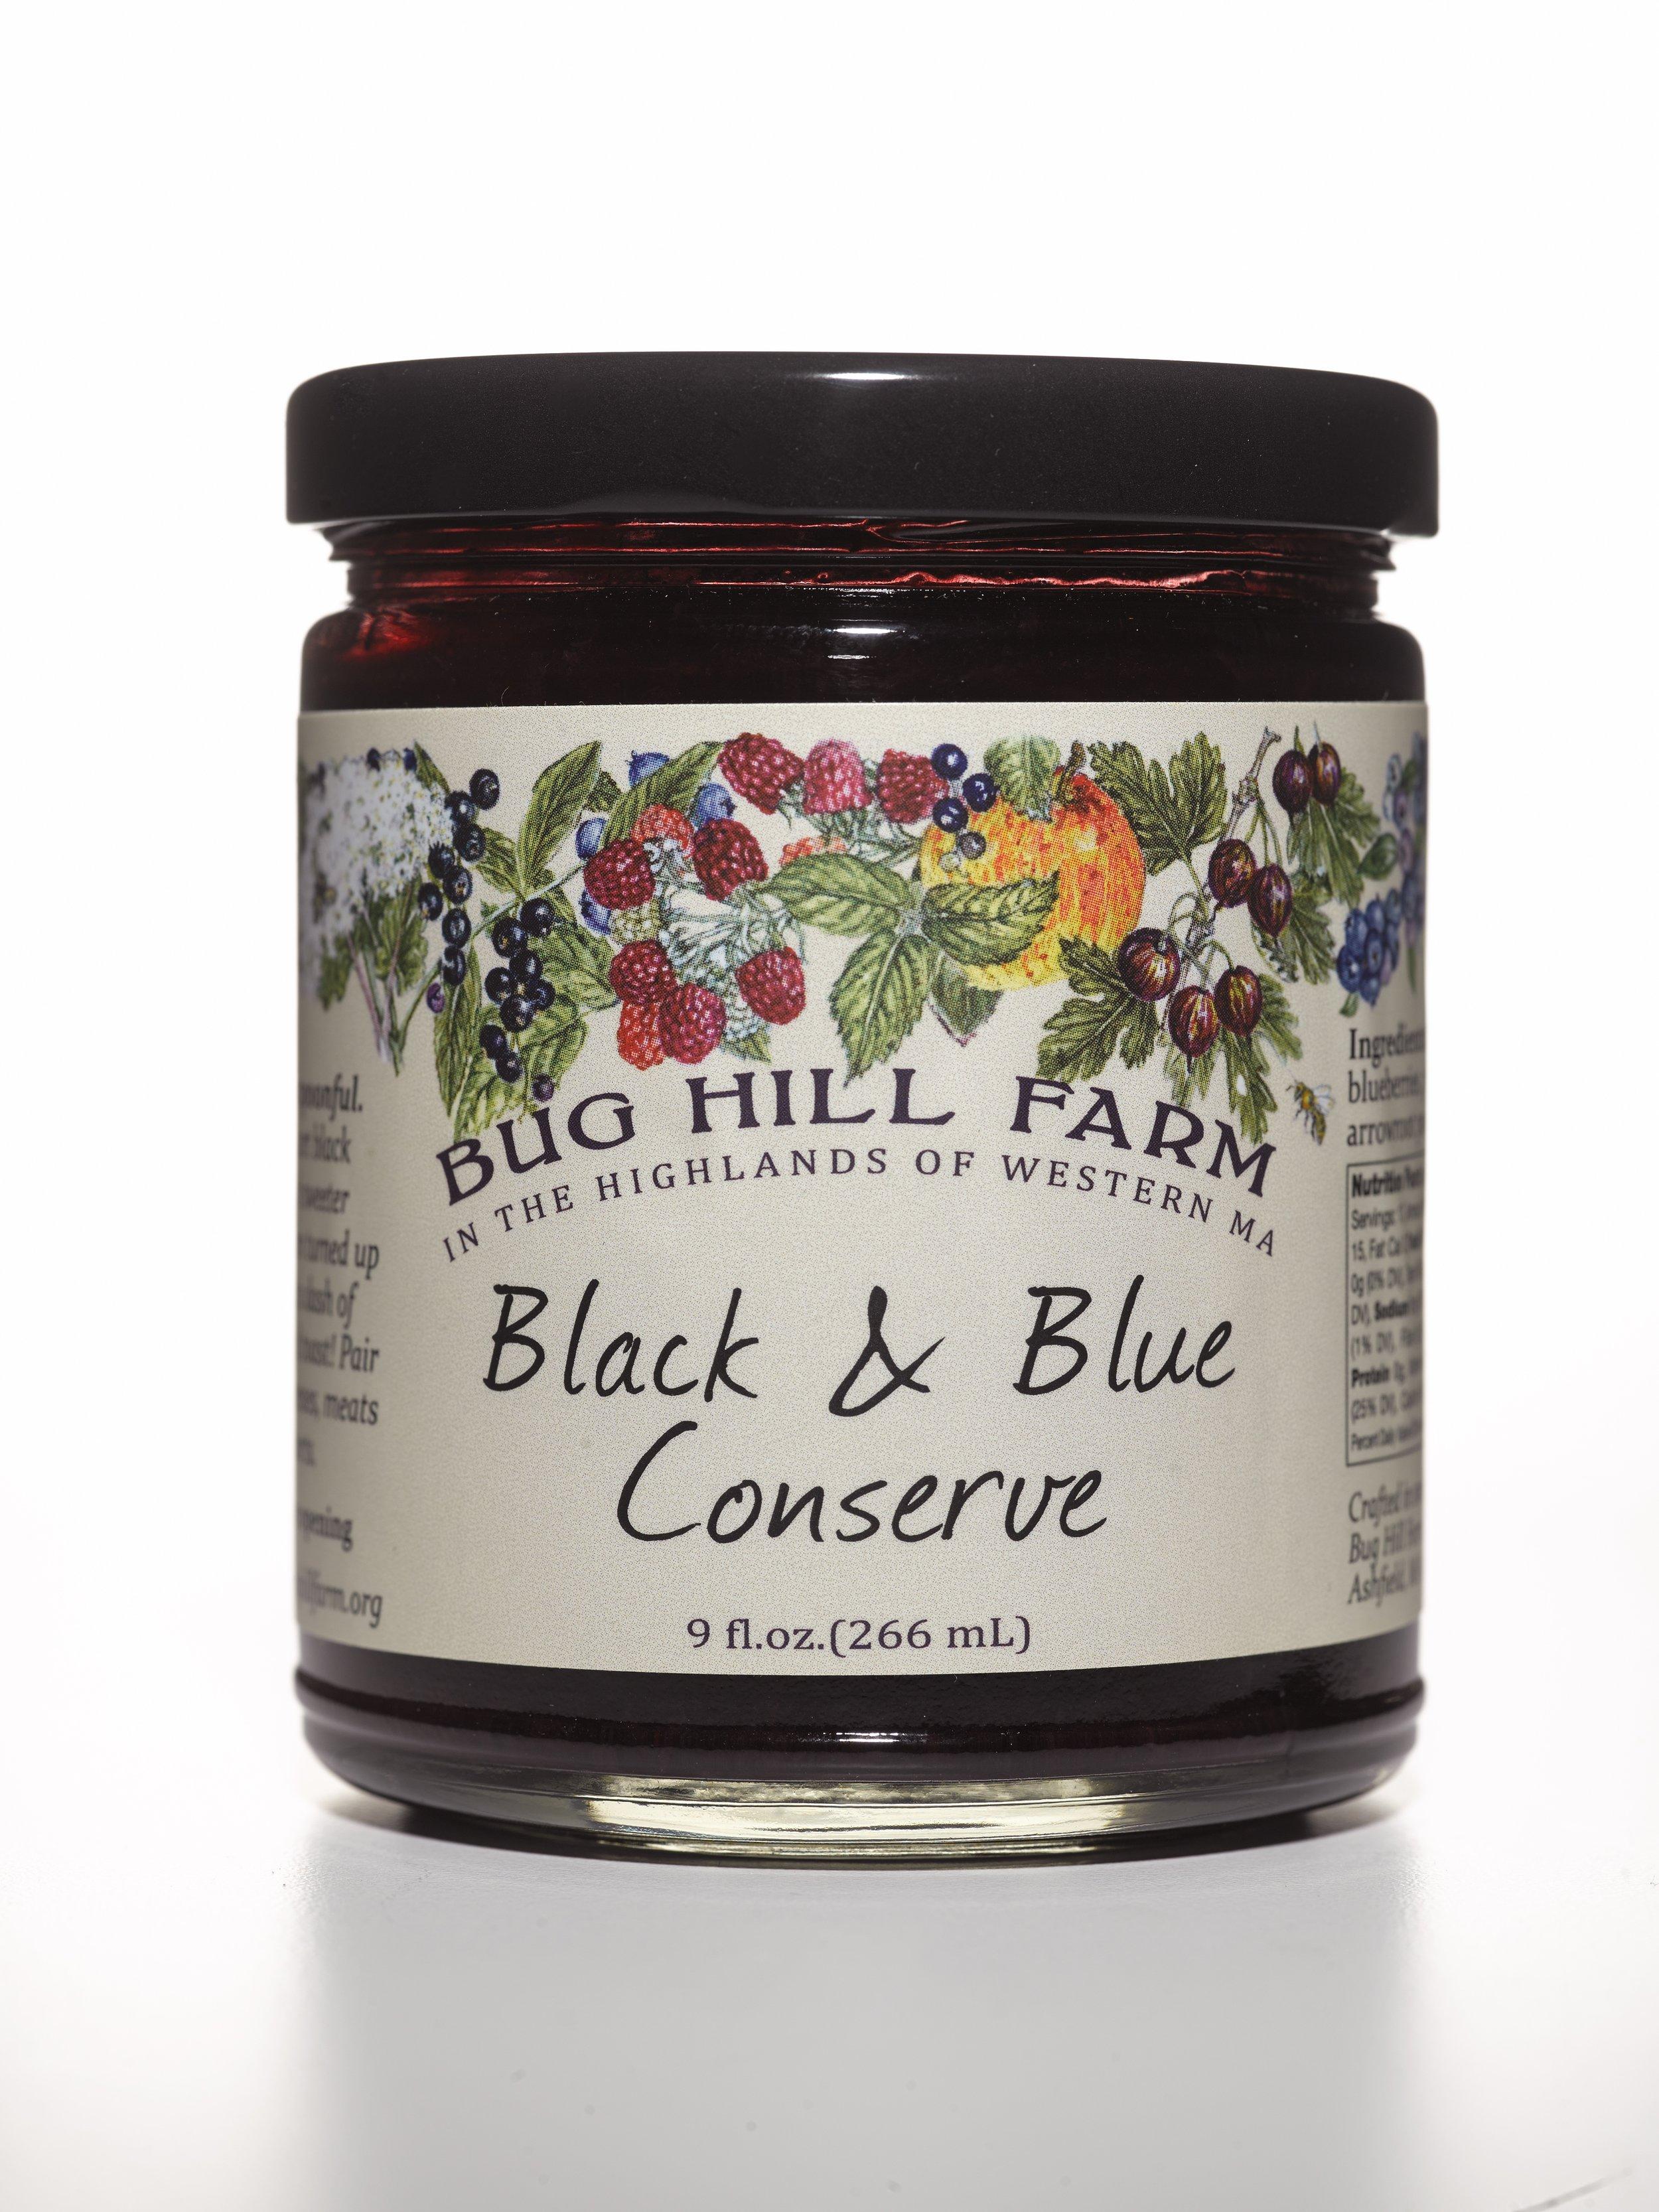 Bug Hill Farm